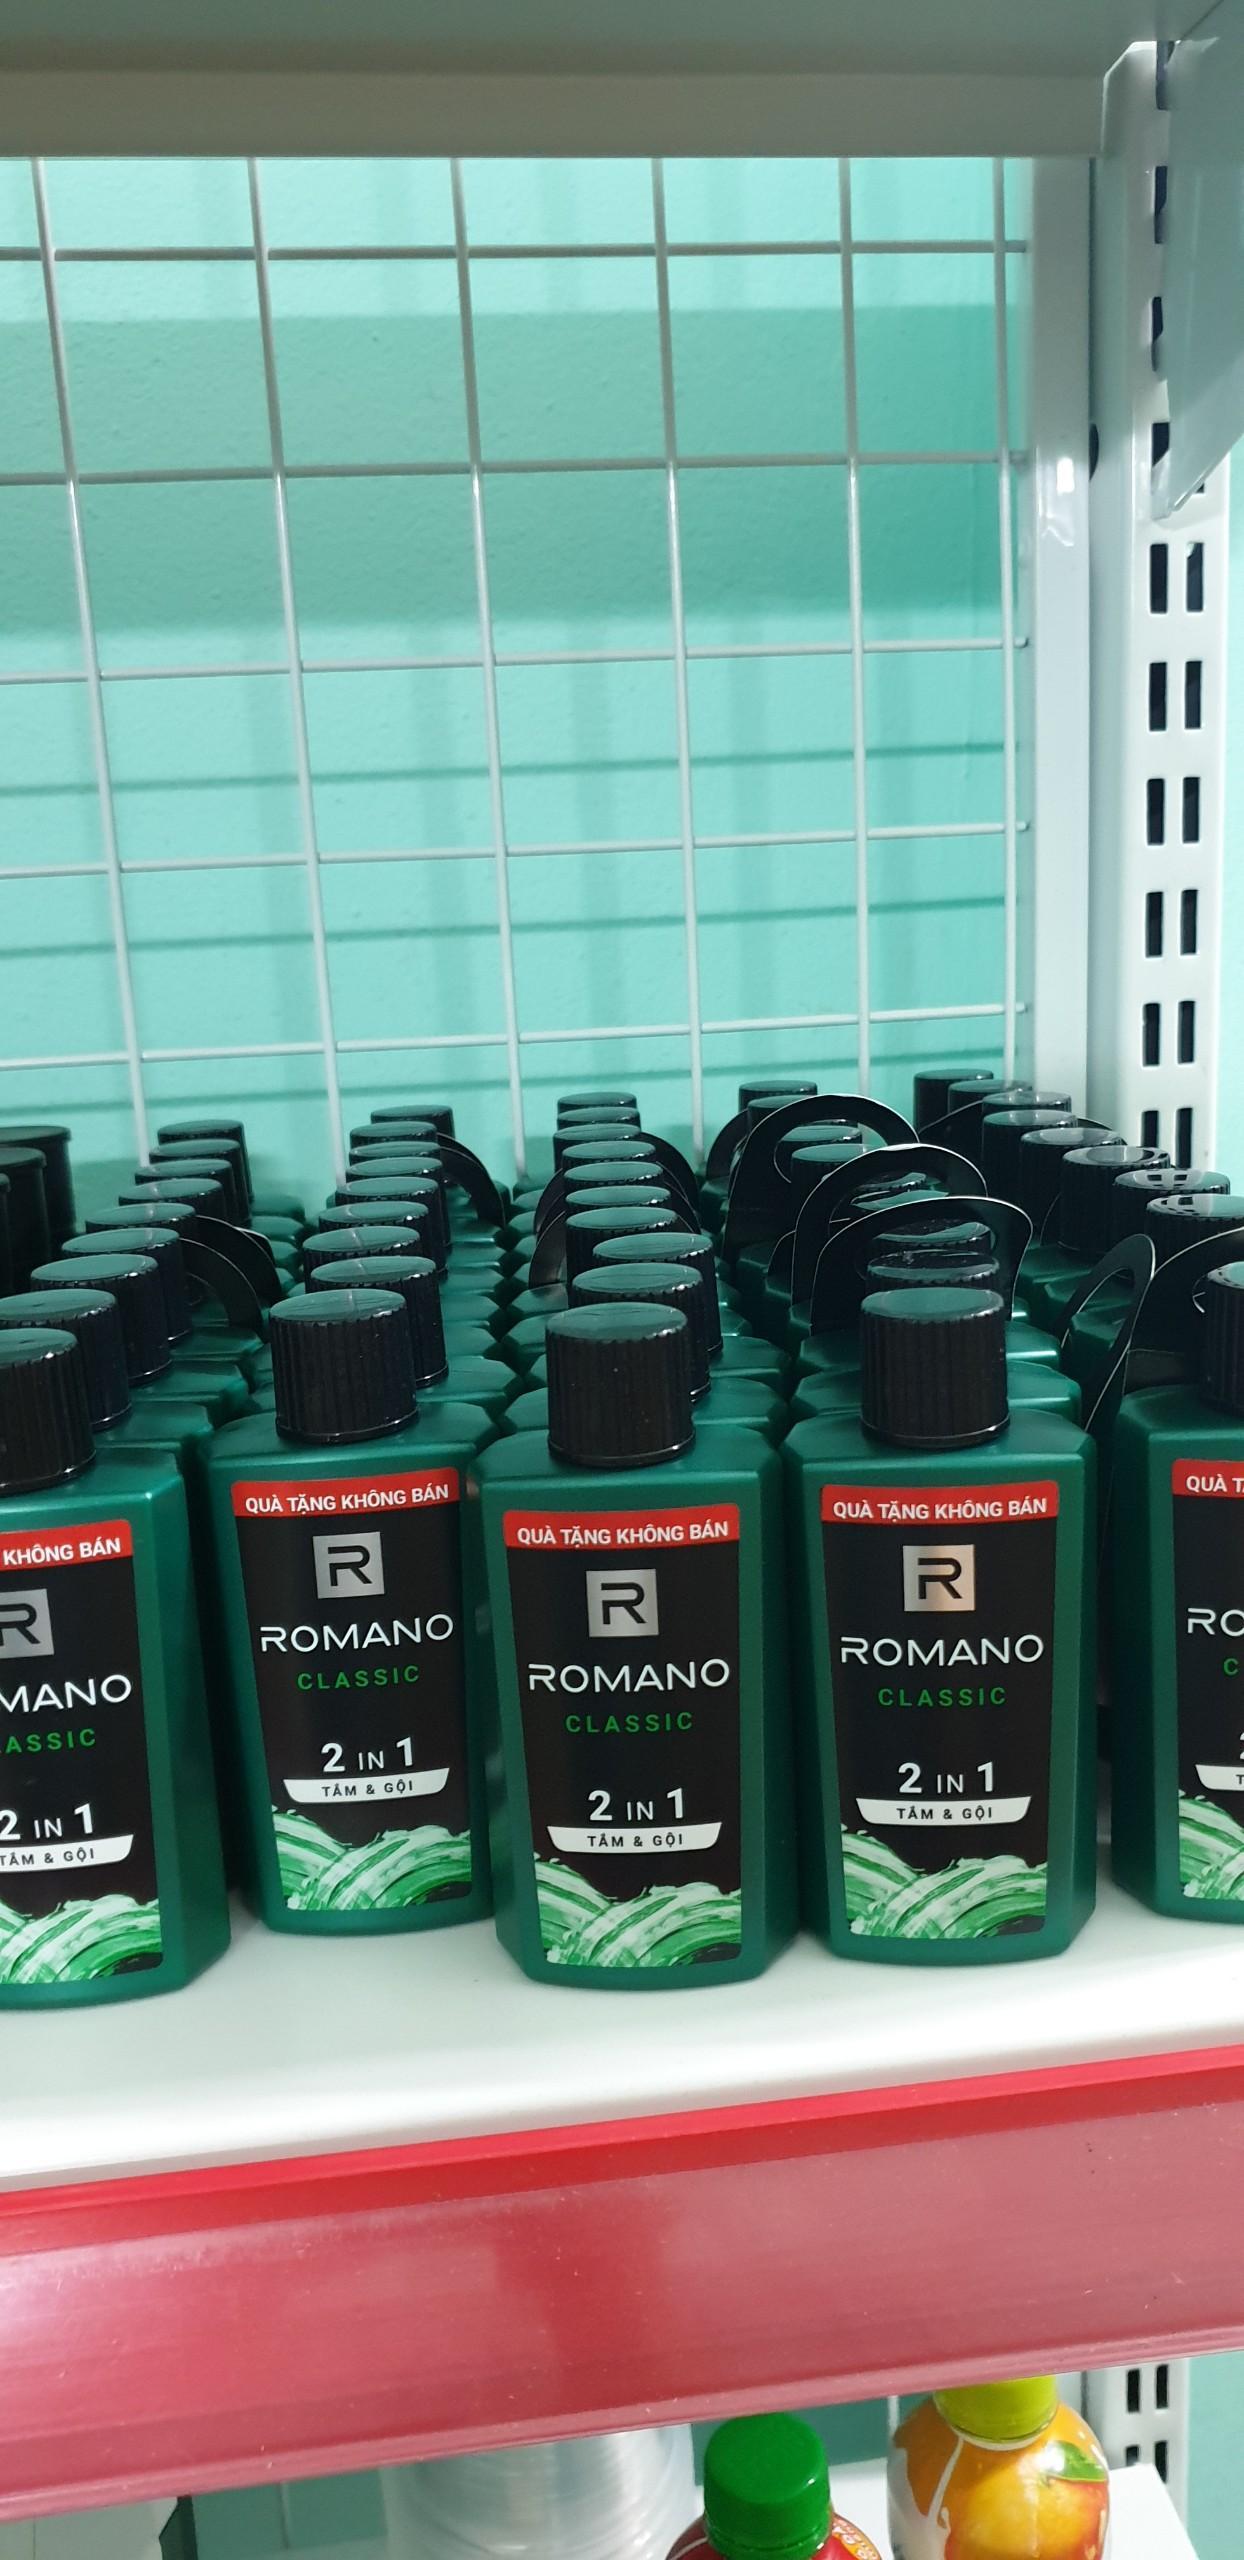 Combo 5 chai romano tắm gội 2 in 1 tặng túi đựng mỹ phẩm ngẫu nhiên nhập khẩu